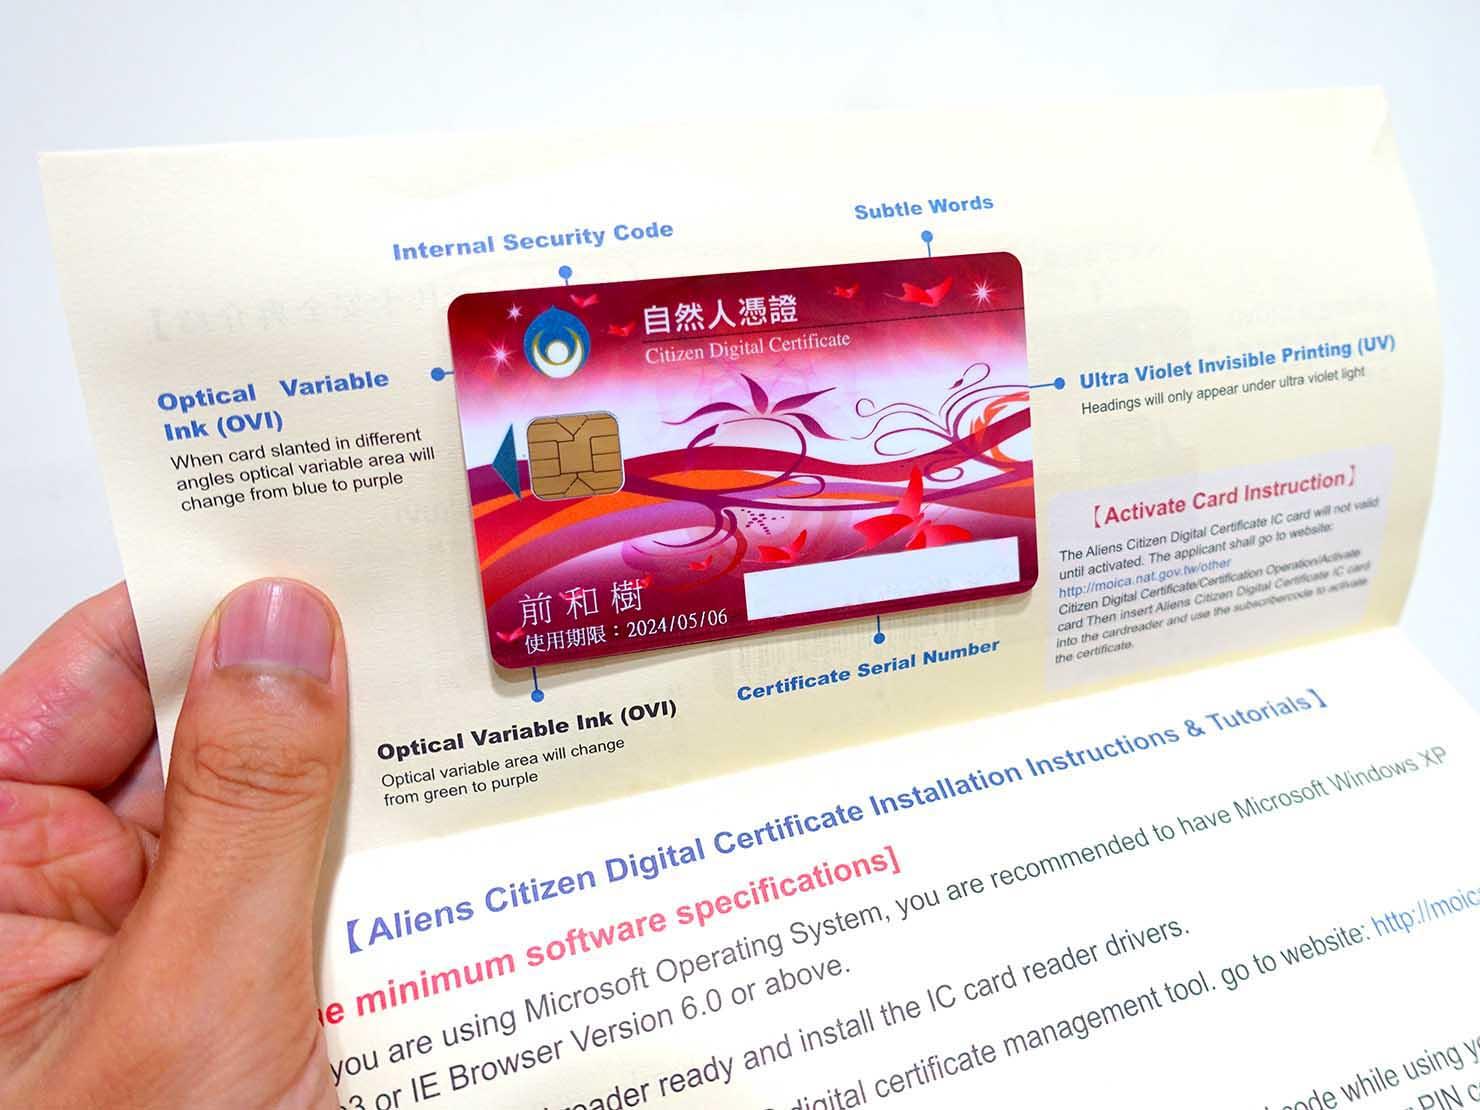 台湾のデジタル身分証明書「自然人憑證」のカード